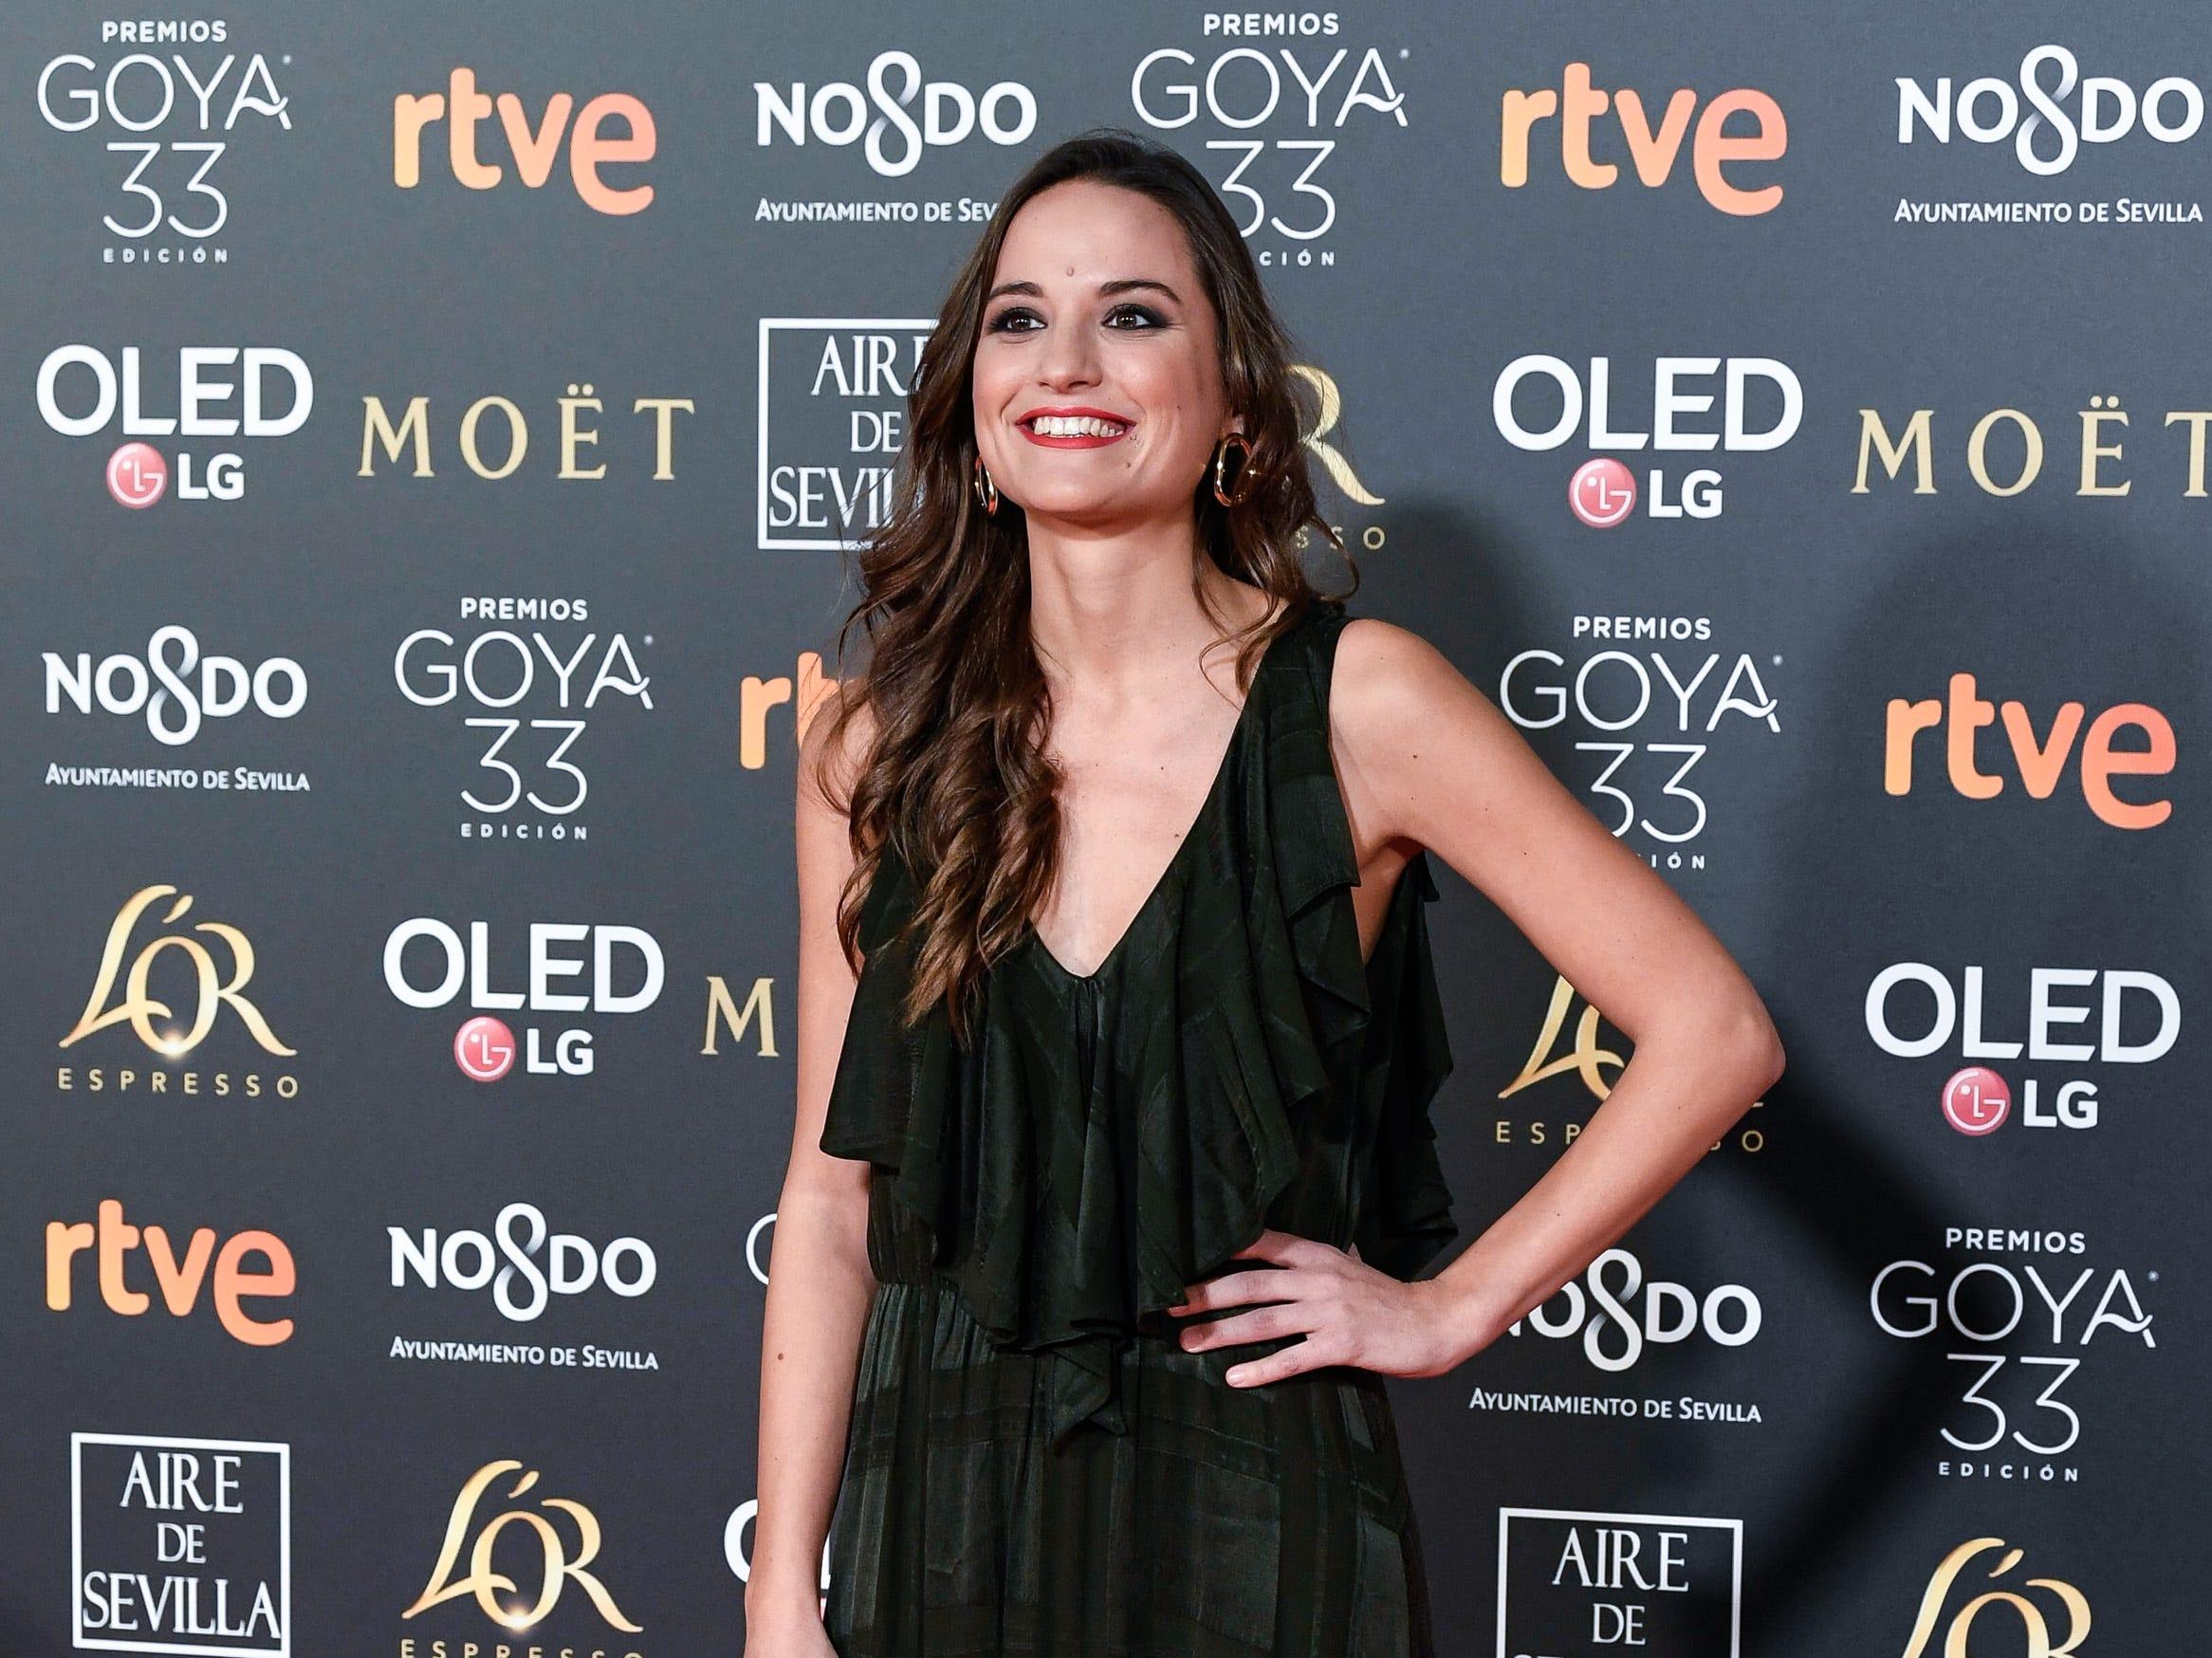 Judit Neddermann asiste a la 33ª edición de los Premios de Cine Goya en el Palacio de Congresos y Exposiciones FIBES el 2 de febrero de 2019 en Sevilla, España.